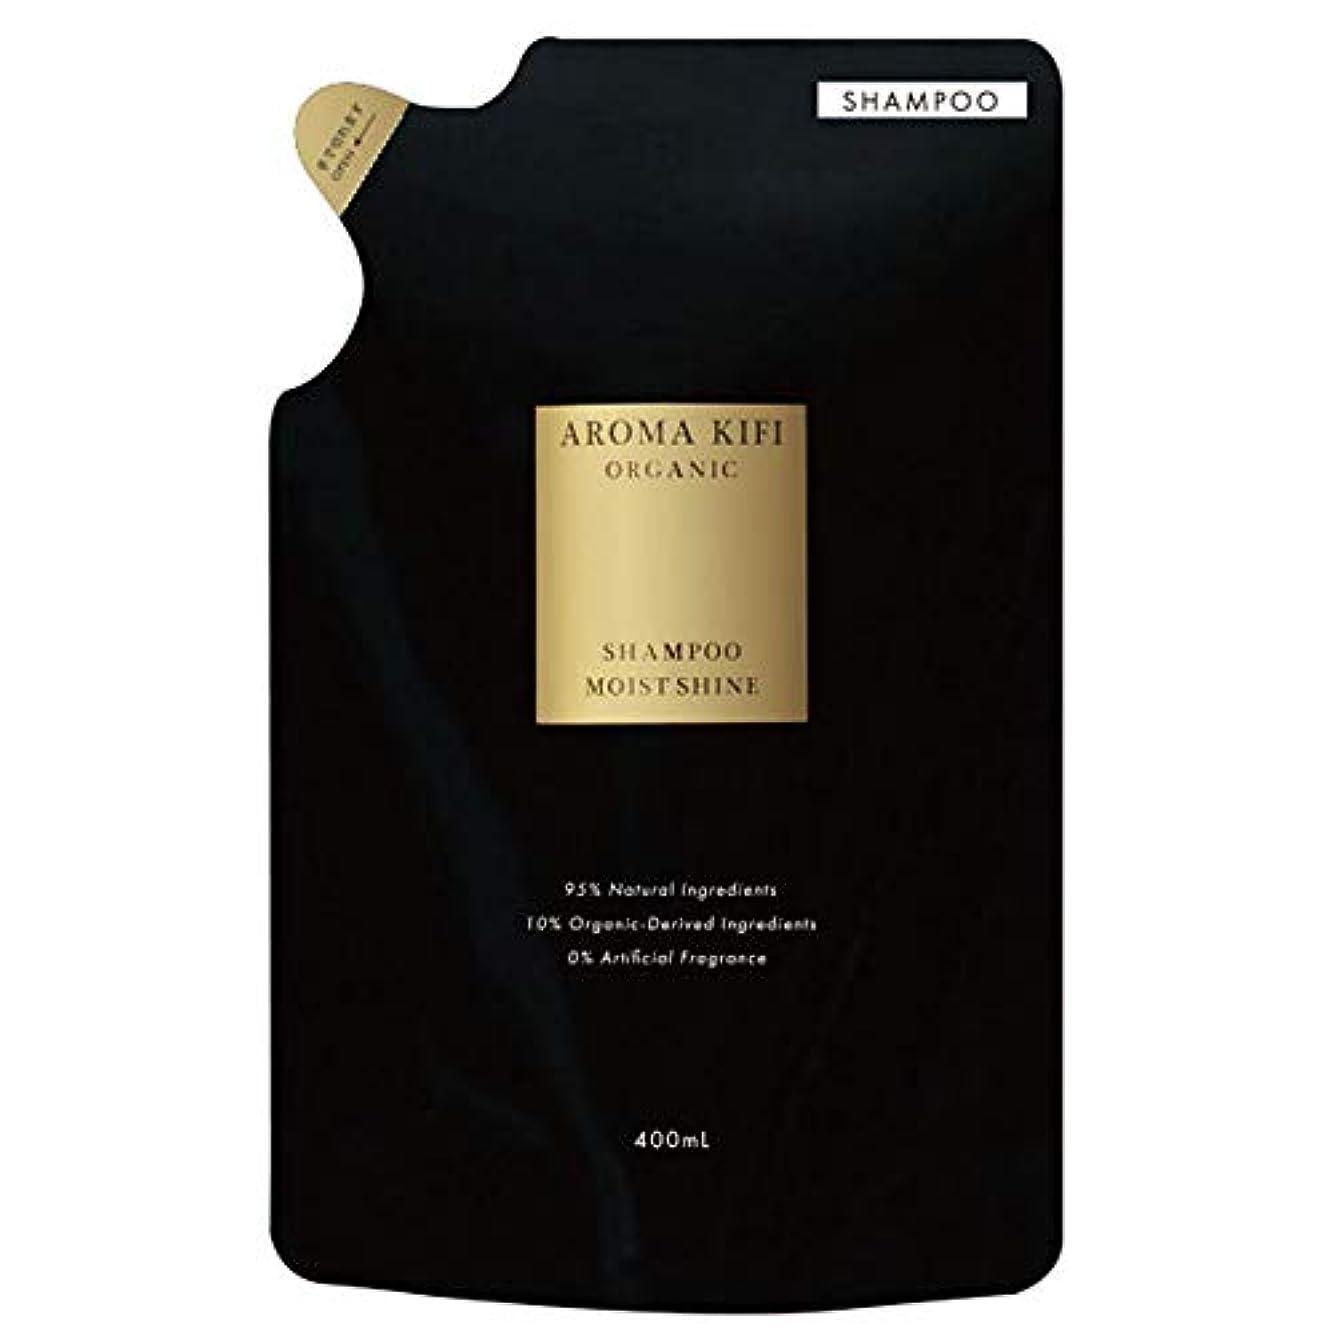 アロマキフィ オーガニック シャンプー 詰替え 400ml 【モイスト&シャイン】サロン品質 ノンシリコン 無添加 アロマティックハーブの香り